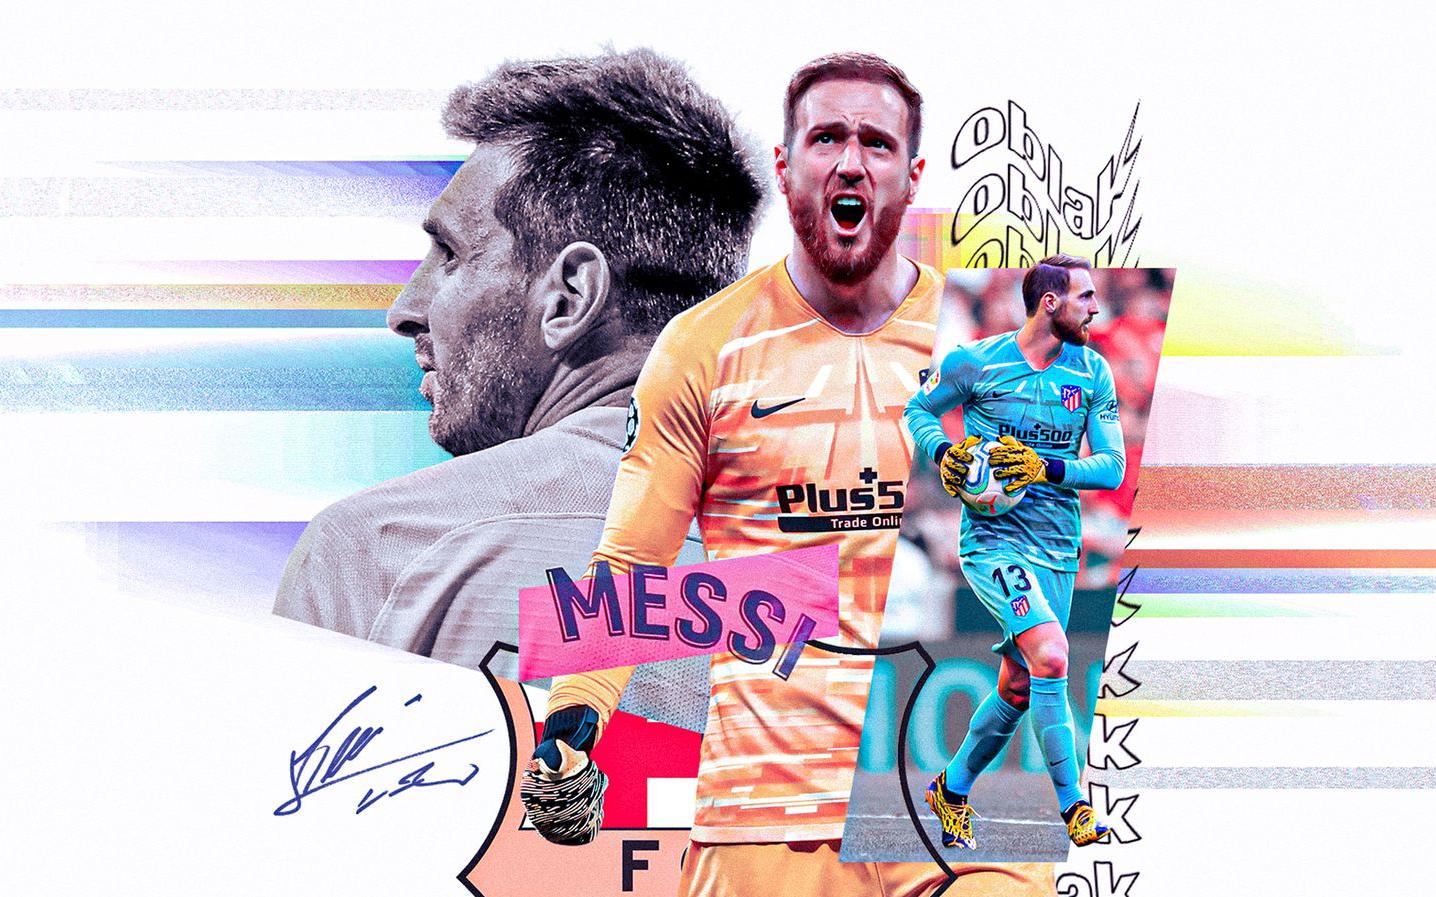 Không thể đoán được Lionel Messi sẽ làm gì hình ảnh